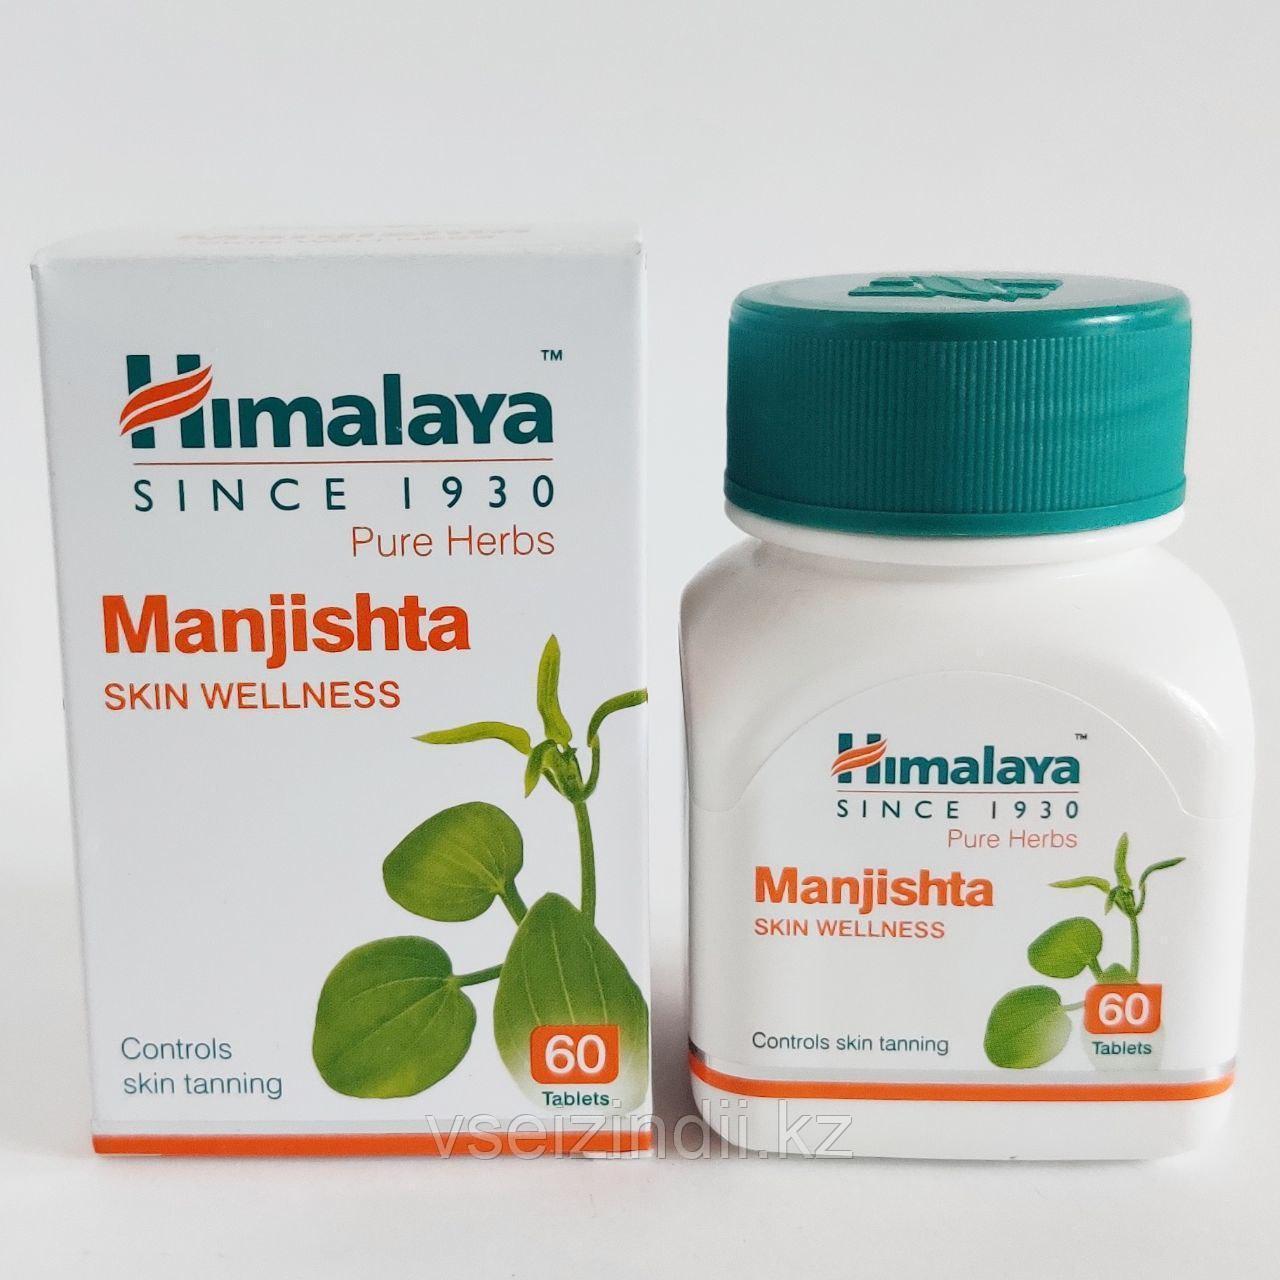 Манжишта, Гималаи (Manjishta, Himalaya). Кровоочистительное, разжижающее кровь средство, 60 табл.